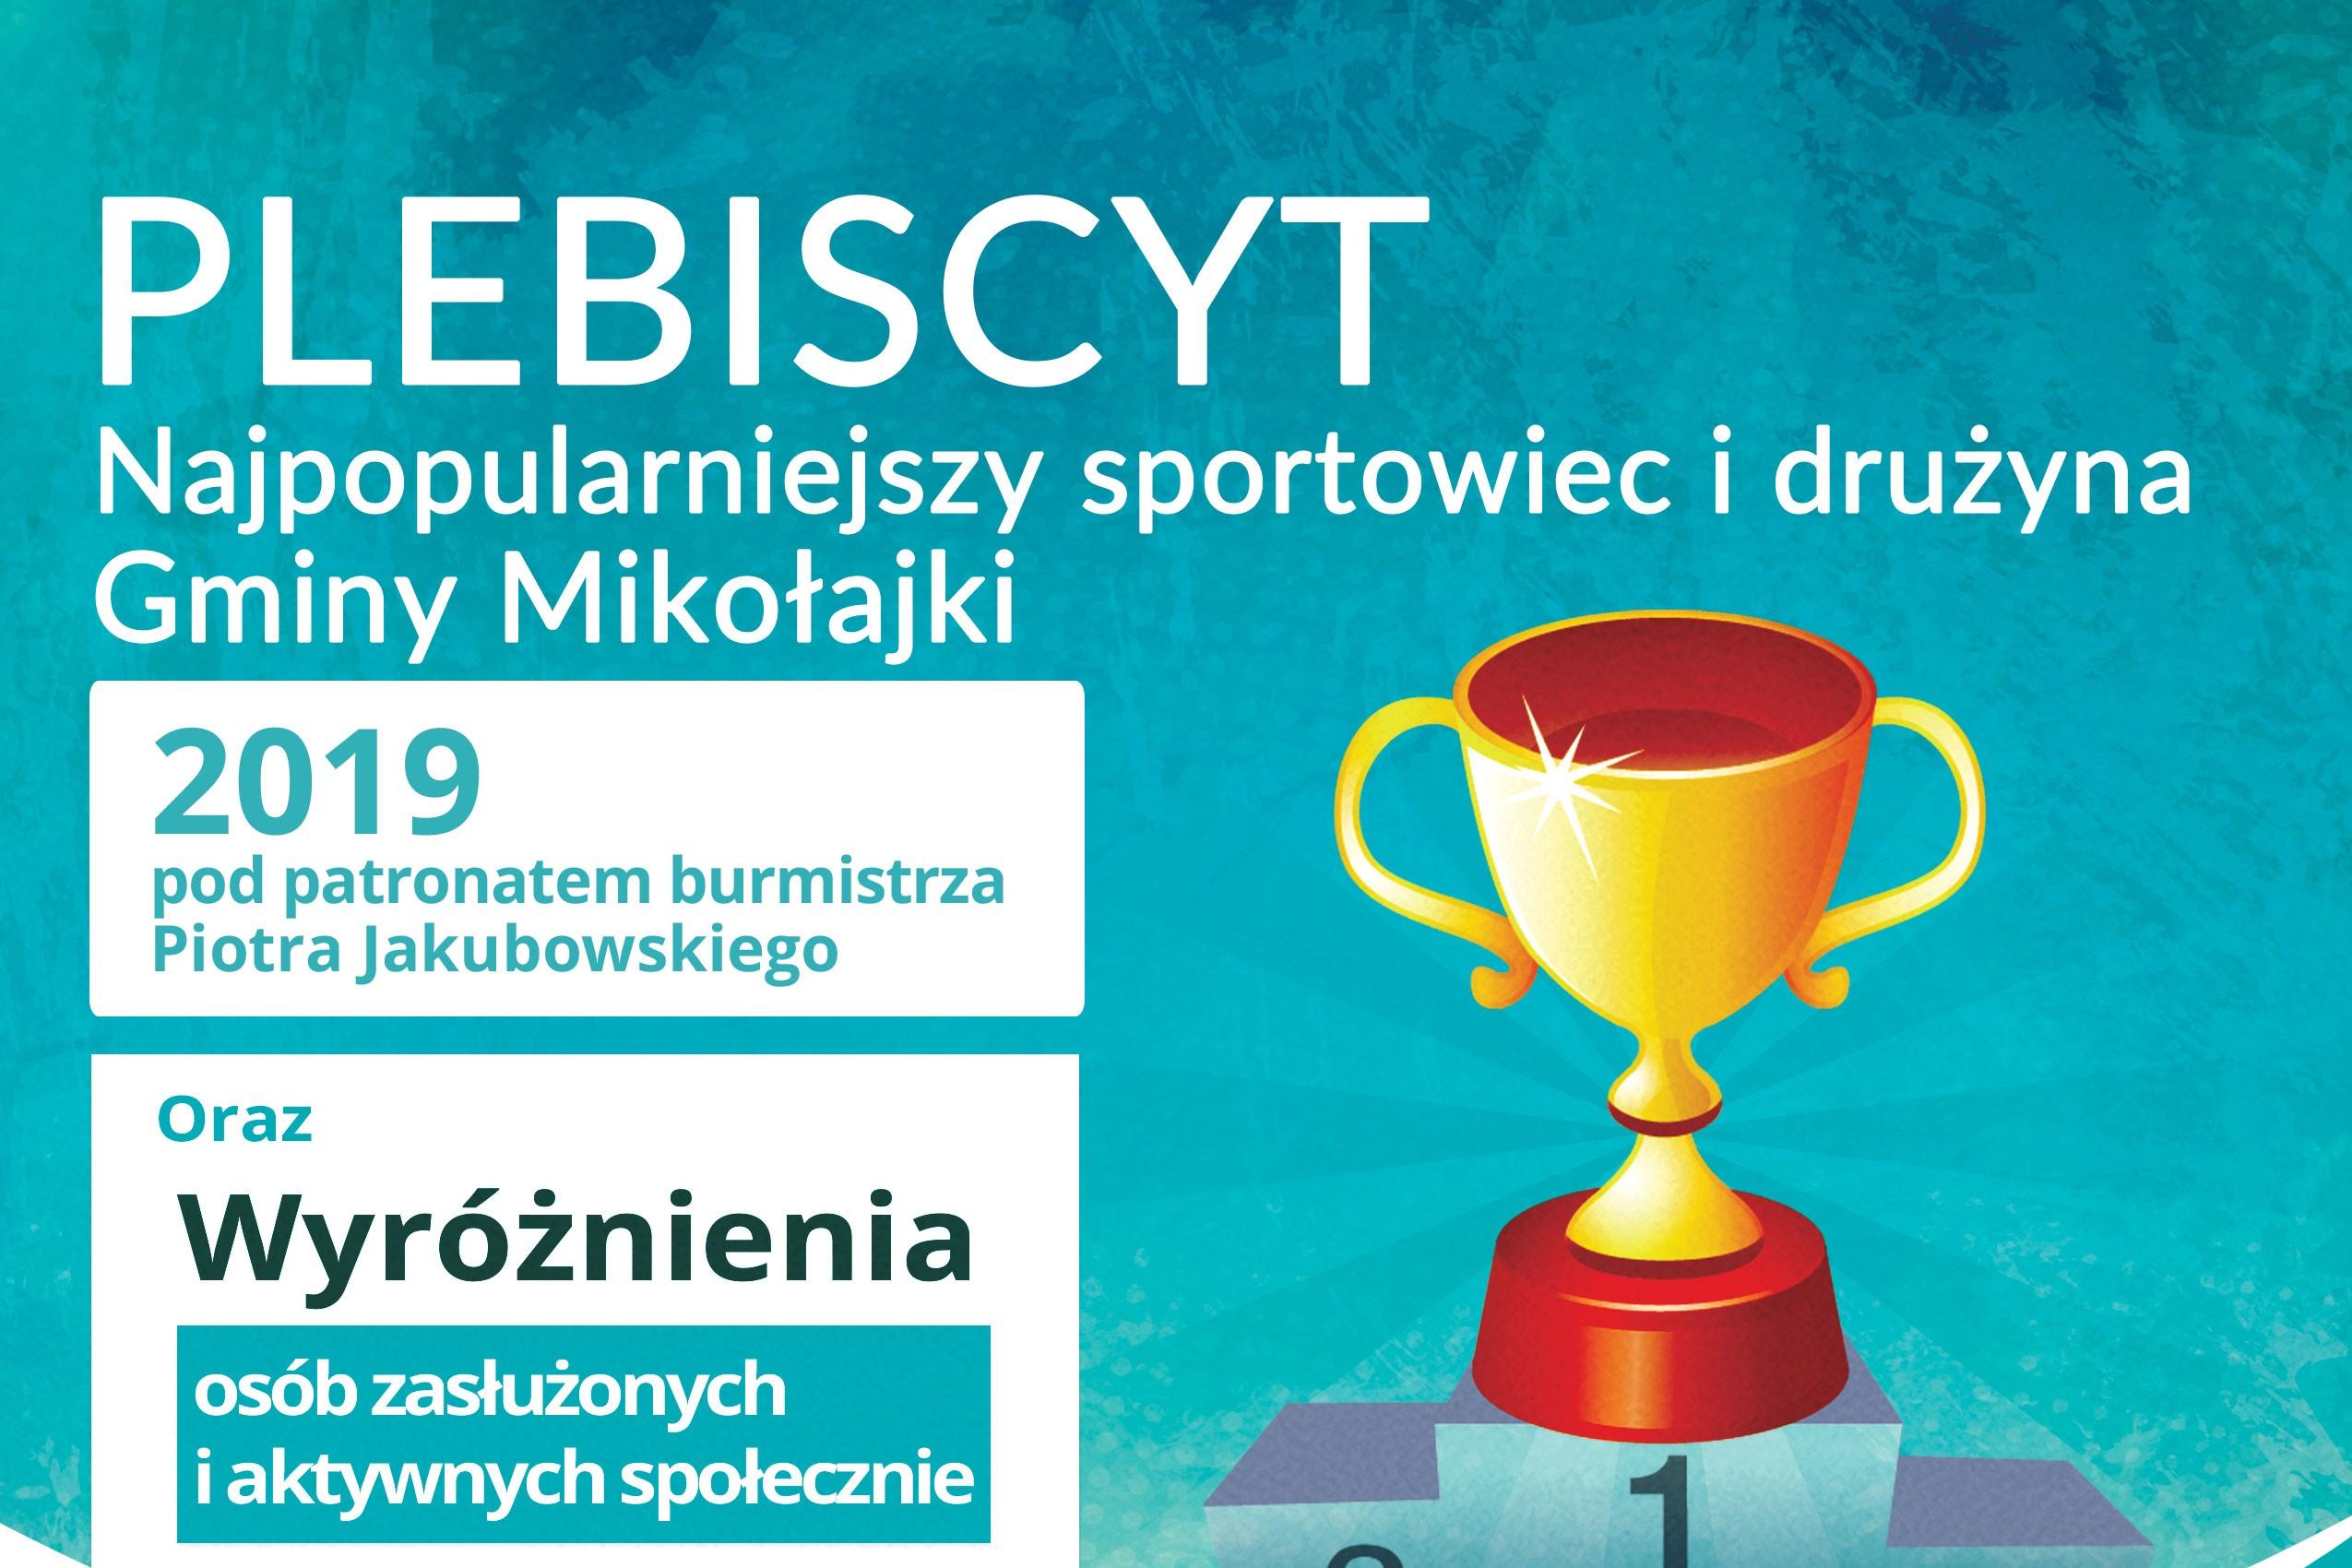 Najpopularniejszy Sportowiec oraz Najpopularniejsza Drużyna 2019 - Głosowanie trwa do 23.02.2020 r. godz. 23:59!